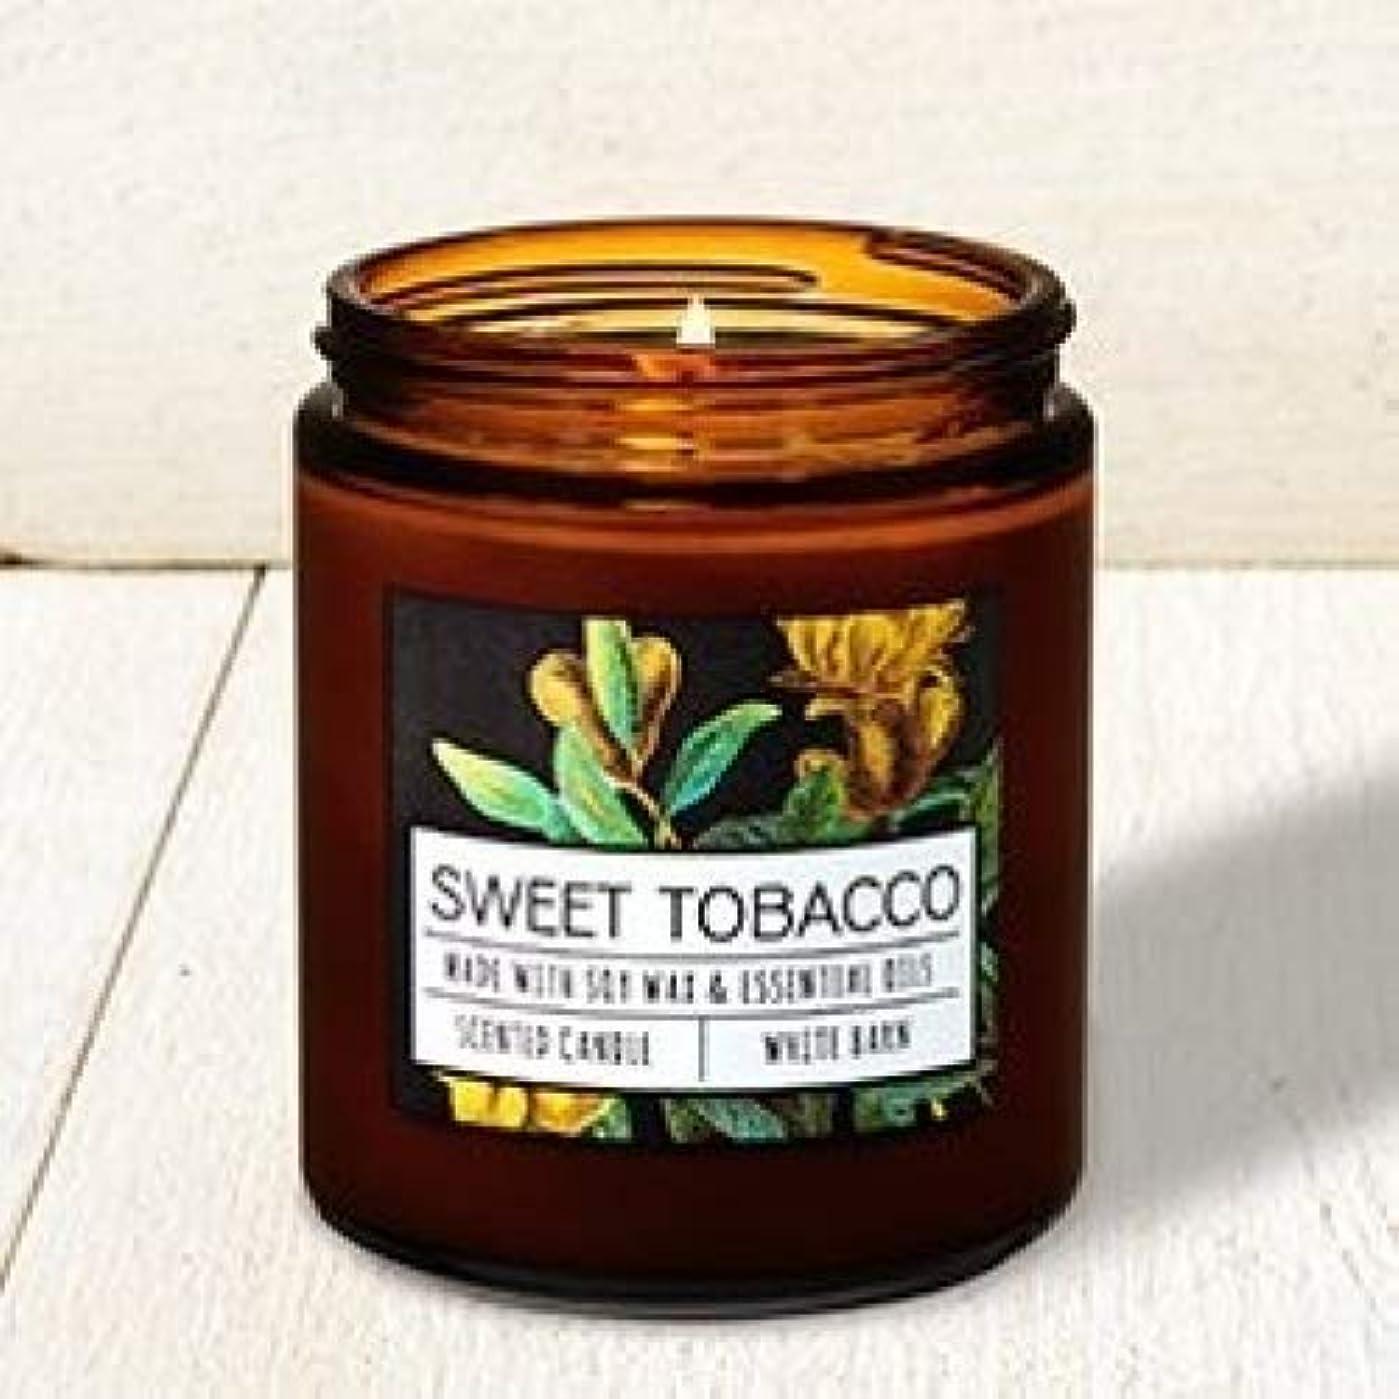 咳職人ハシーBath and Body Works Sweet Tobacco Single Wick Candle。7オンス